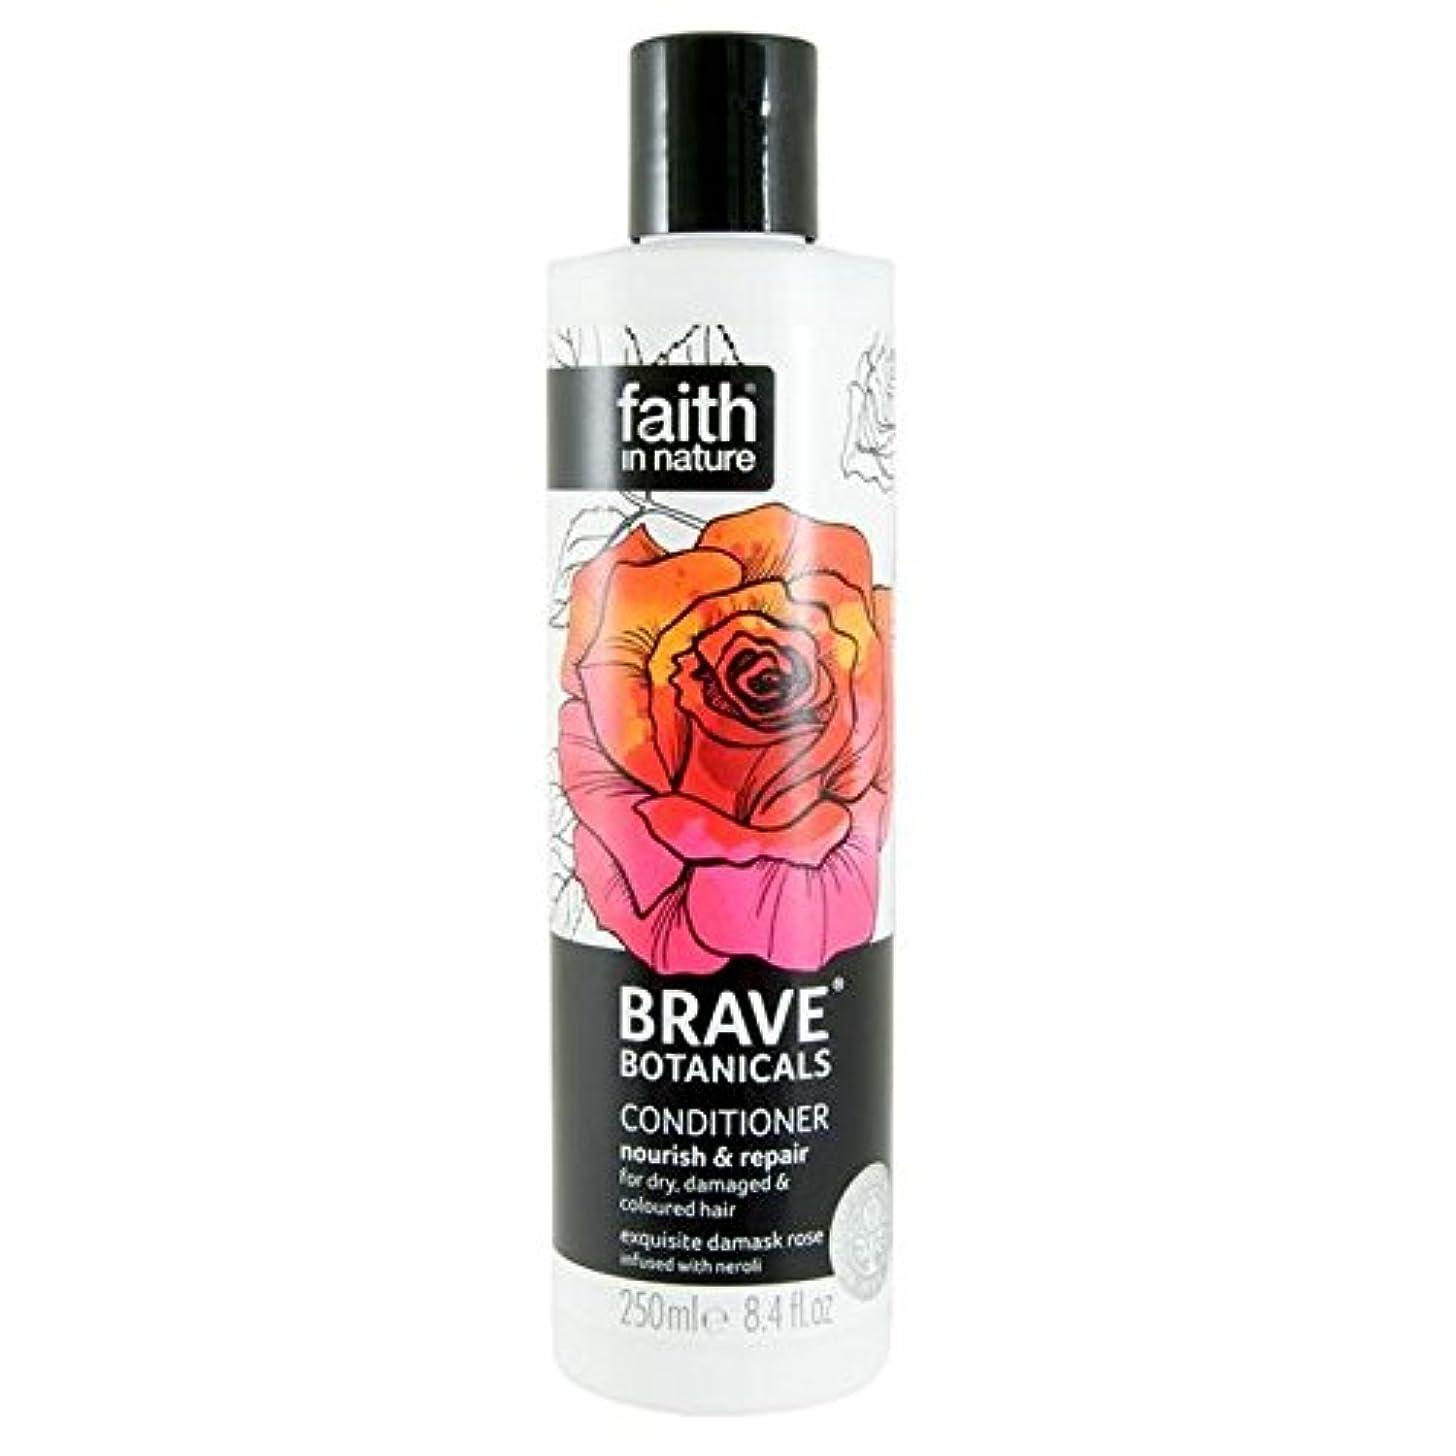 移植パンフレット助けてBrave Botanicals Rose & Neroli Nourish & Repair Conditioner 250ml (Pack of 2) - (Faith In Nature) 勇敢な植物は、ローズ&ネロリは養う&リペアコンディショナー250Ml (x2) [並行輸入品]